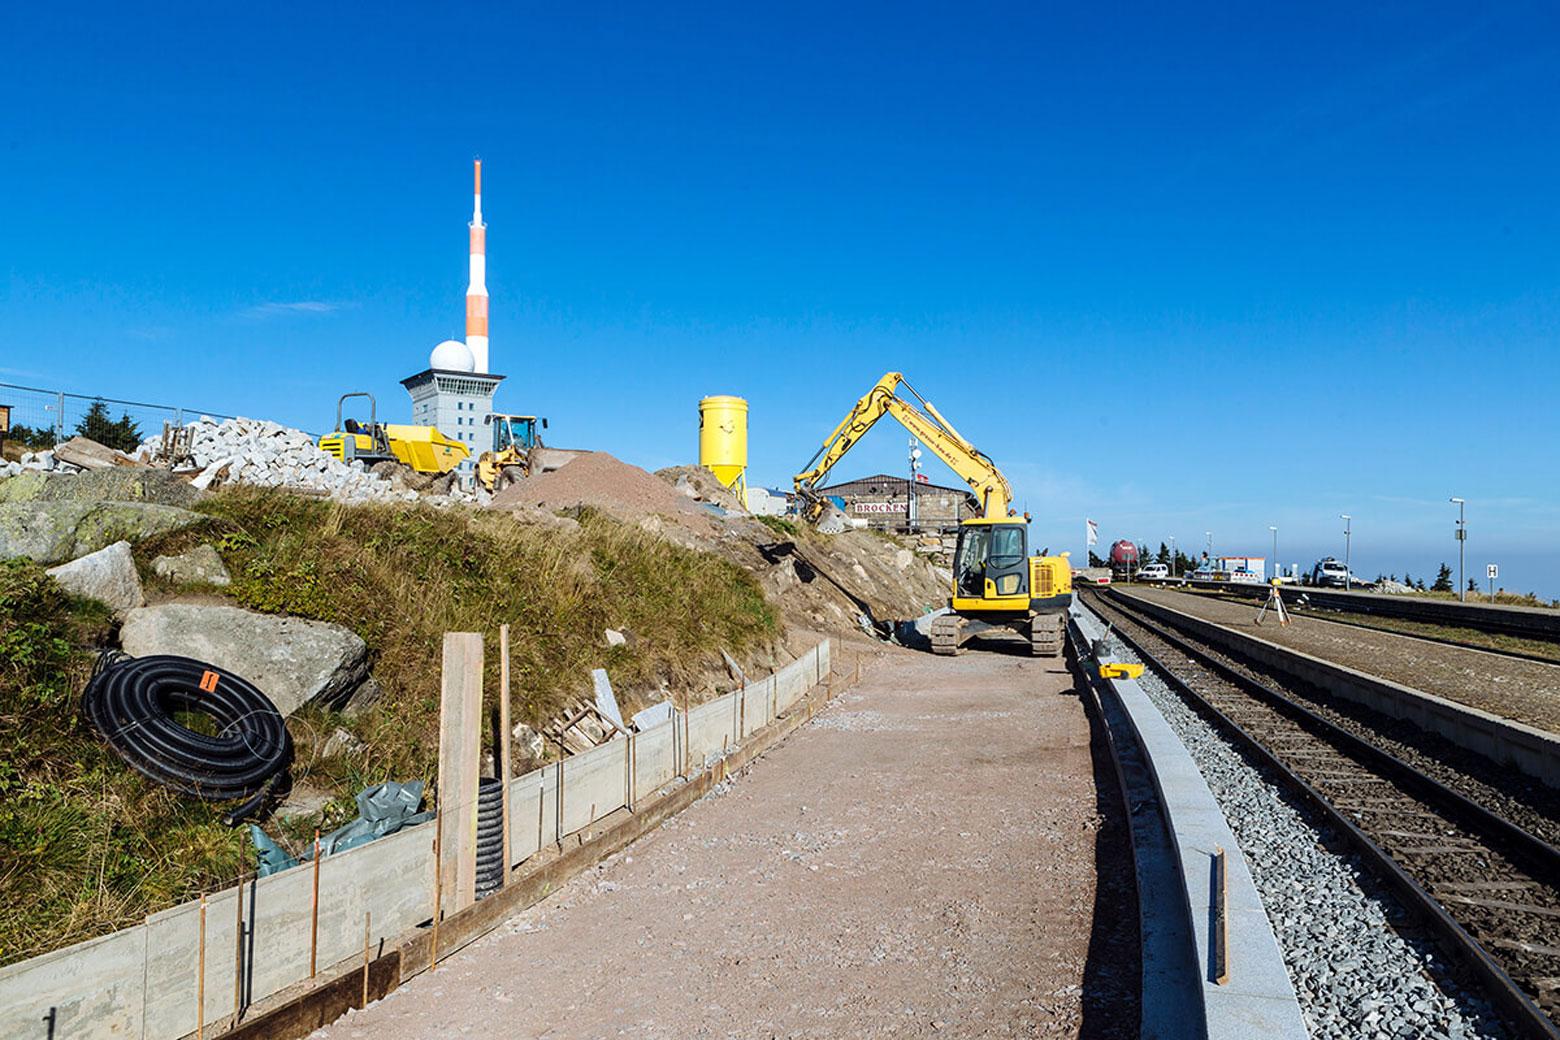 Bauarbeiten mit Bagger für Bahnsteig am Brocken